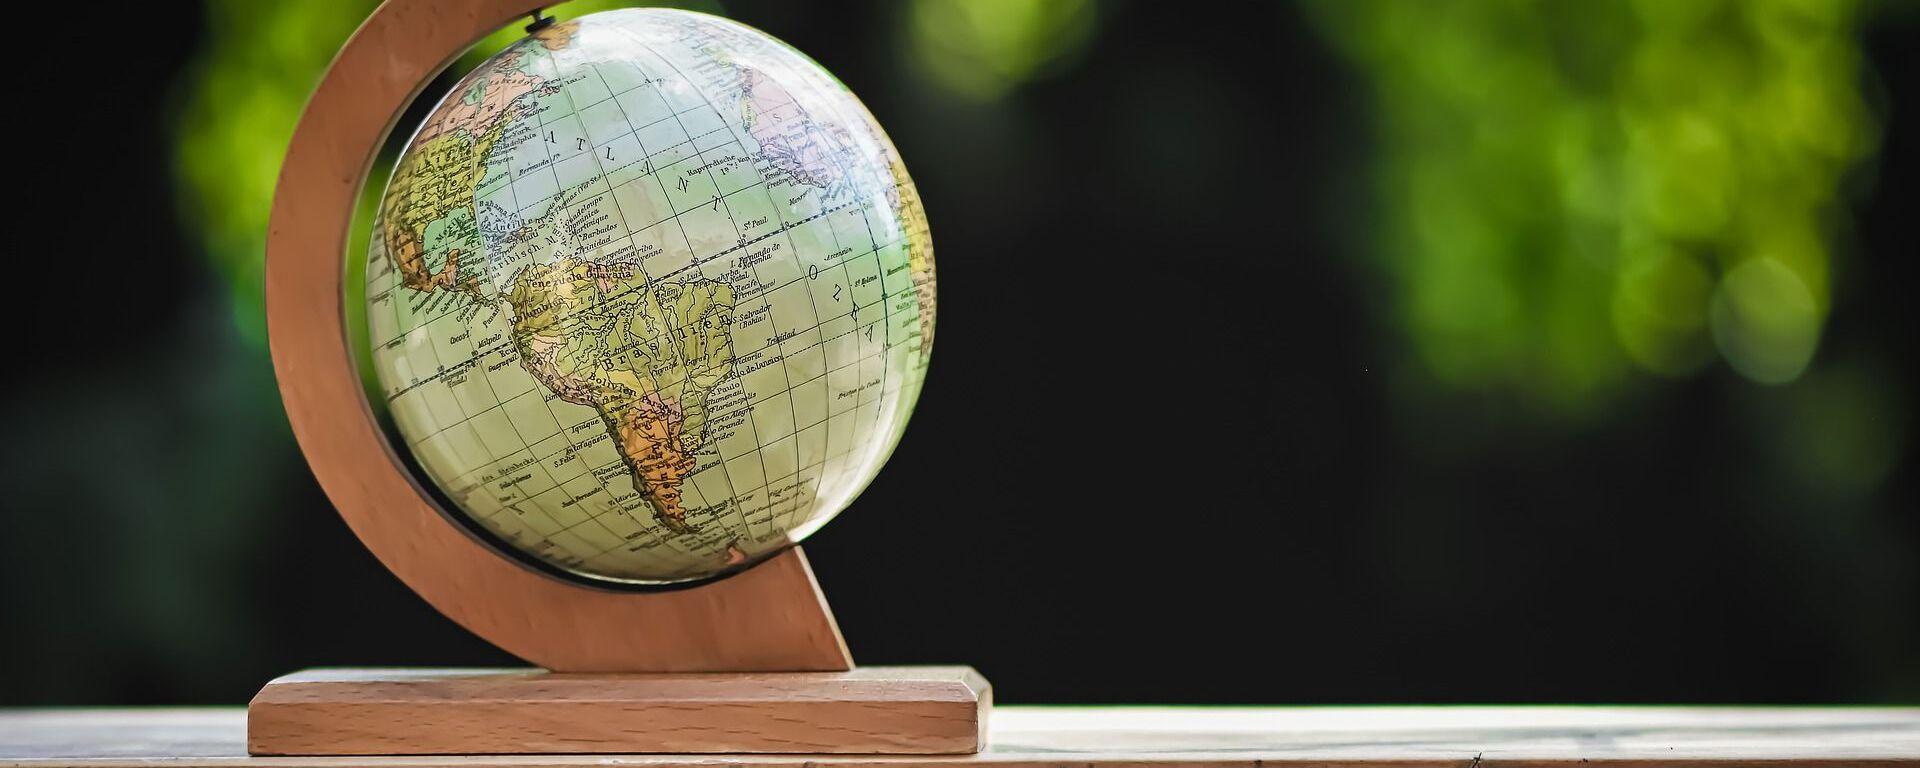 Un globo terráqueo - Sputnik Mundo, 1920, 05.06.2021